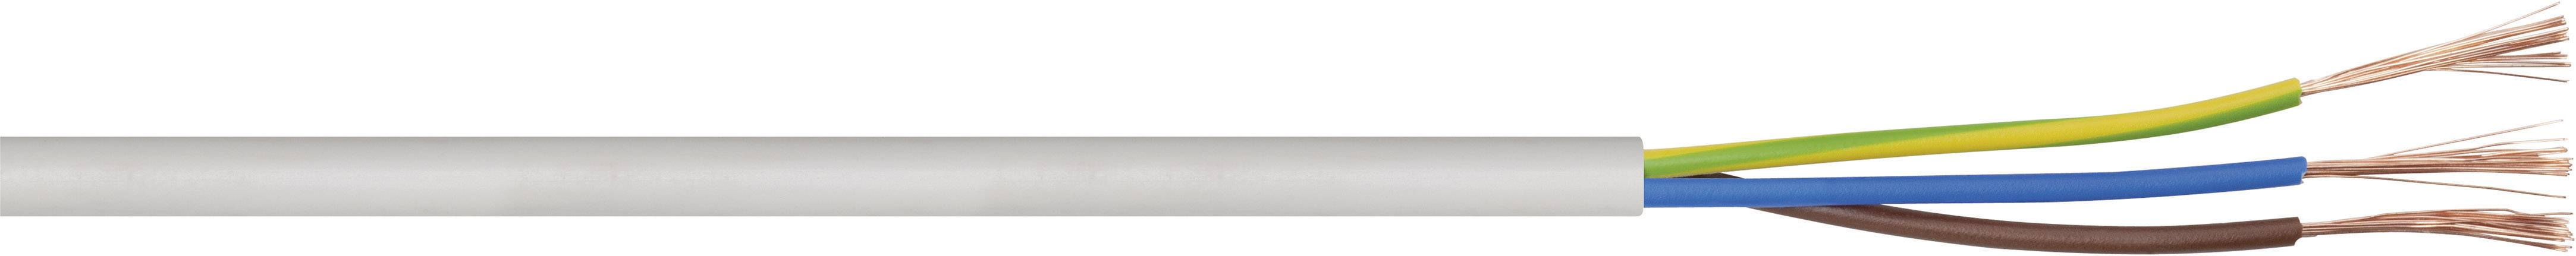 Vícežílový kabel LAPP H03VV-F, 1601204, 3 G 0.75 mm², černá, metrové zboží